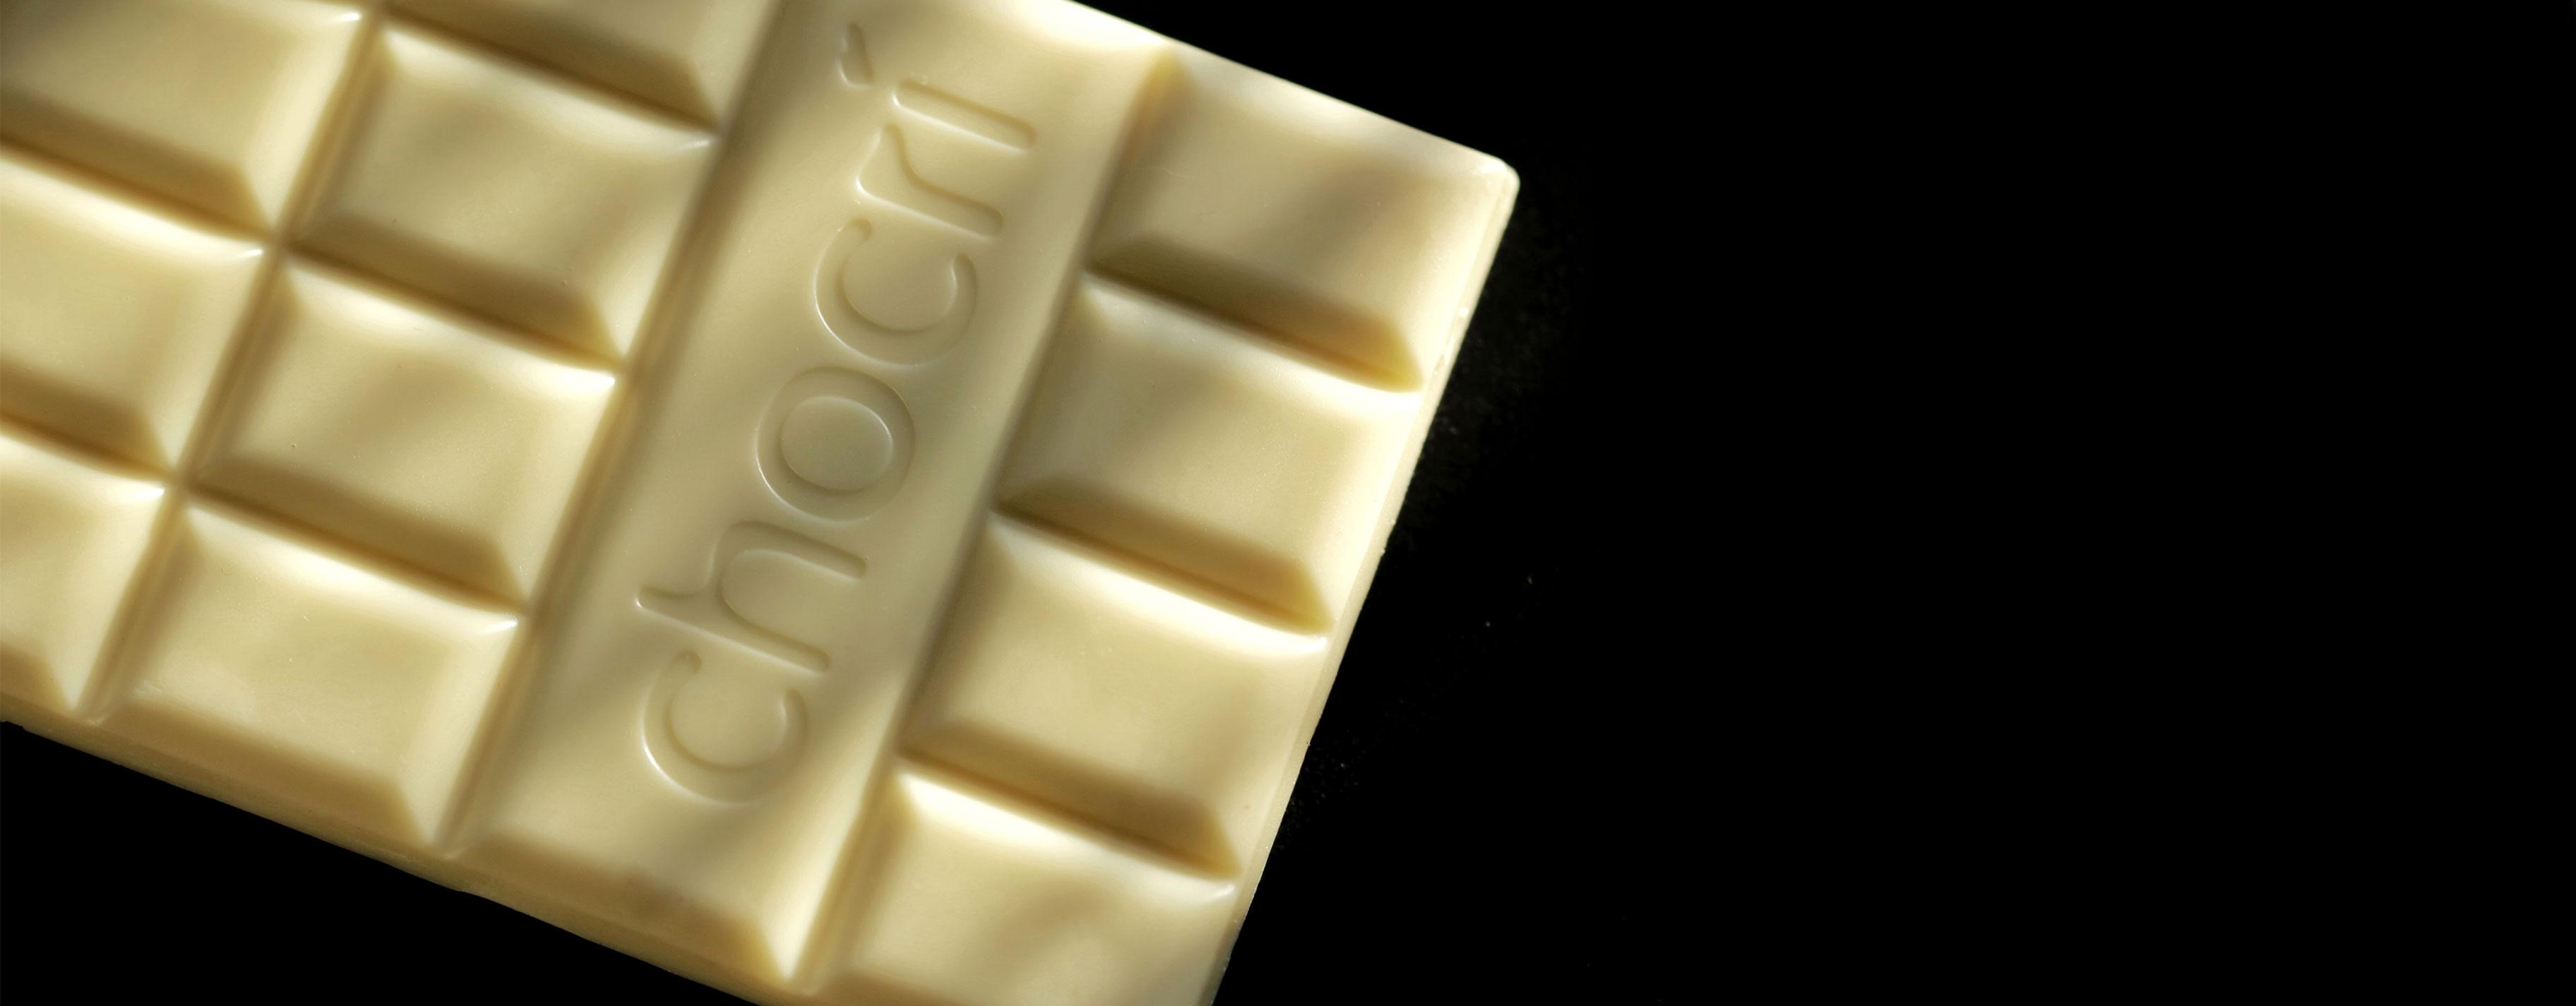 Weiße Schokoladentafel von chocri mit Logo auf der Rückseite auf einem schwarzem Hintergrund